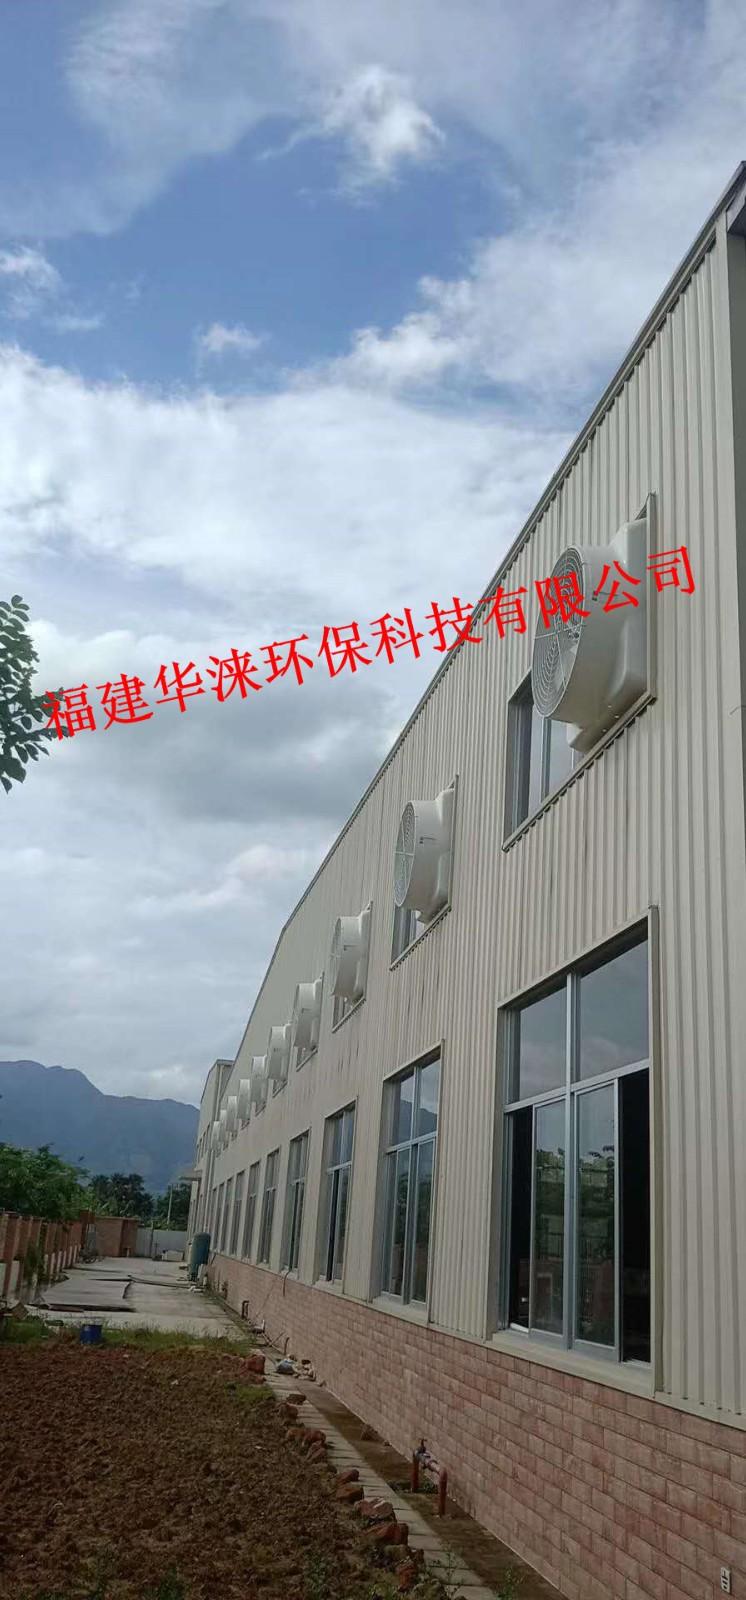 玻璃钢风机 喇叭风机 负压风机 排气风机 工业风扇 厂家直销